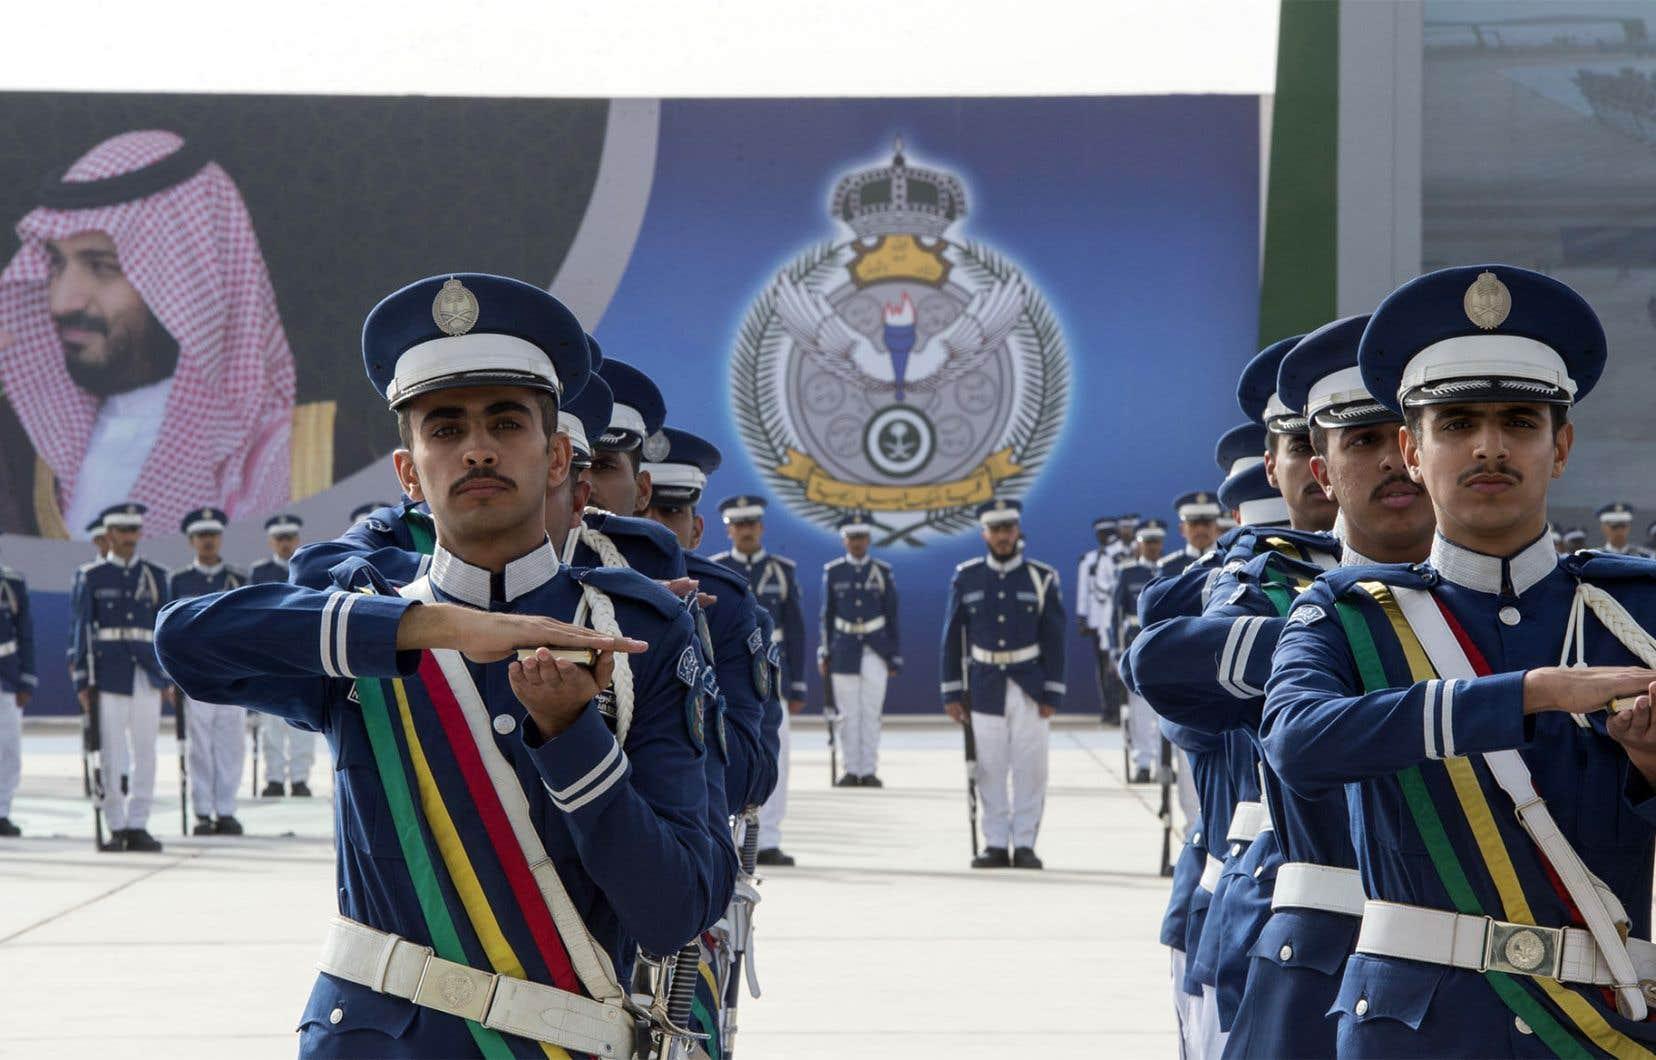 La promotion de nombreux officiers à de nouveaux postes de commandement injecte du sang neuf dans l'armée, estiment des experts.